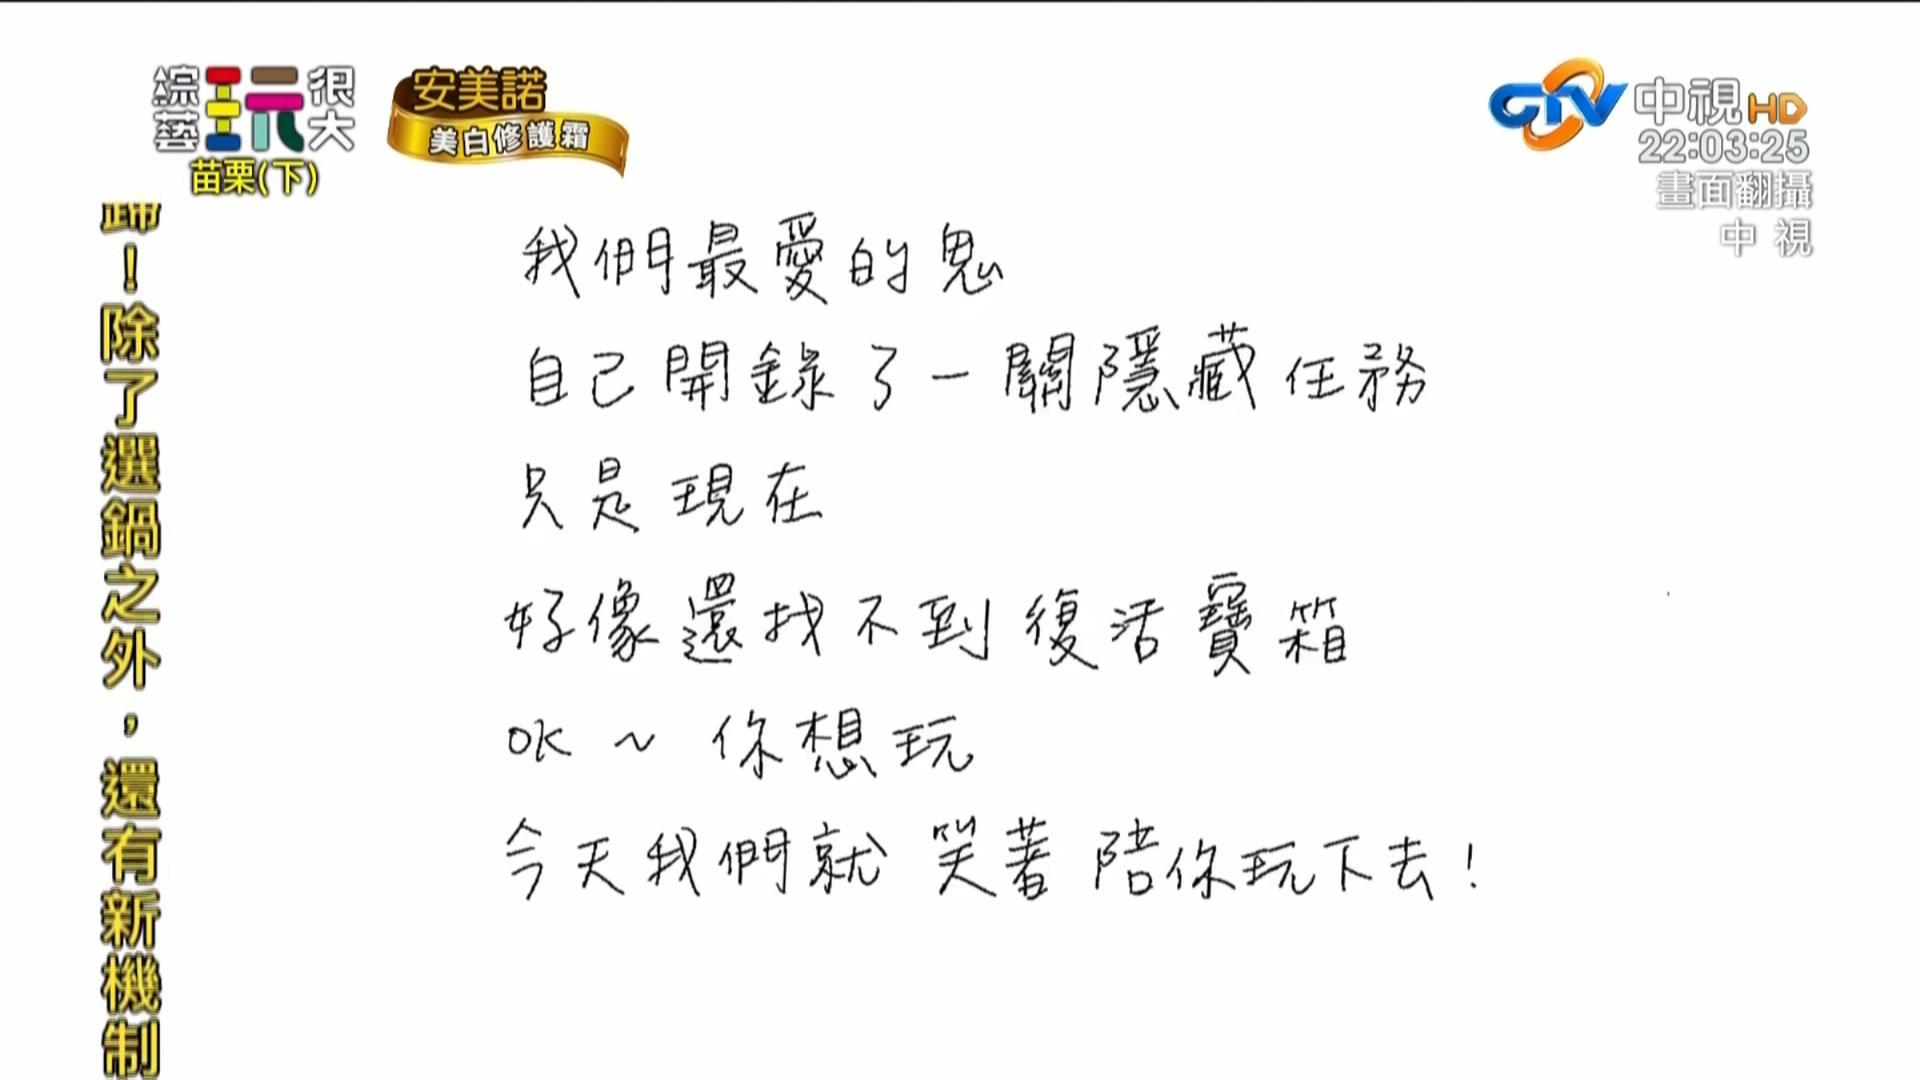 節目「追悼小鬼」特輯 粉絲哭爆「不敢看」